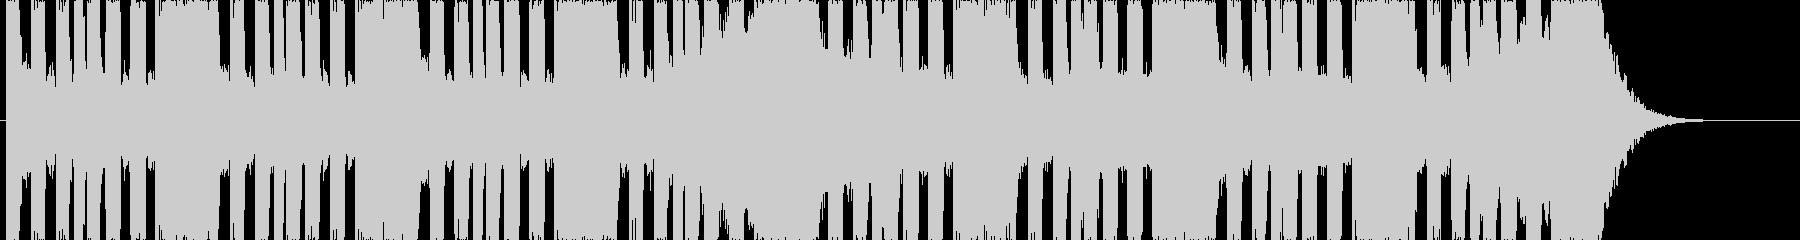 低音ゴリゴリ!ハードシンセなEDMの未再生の波形